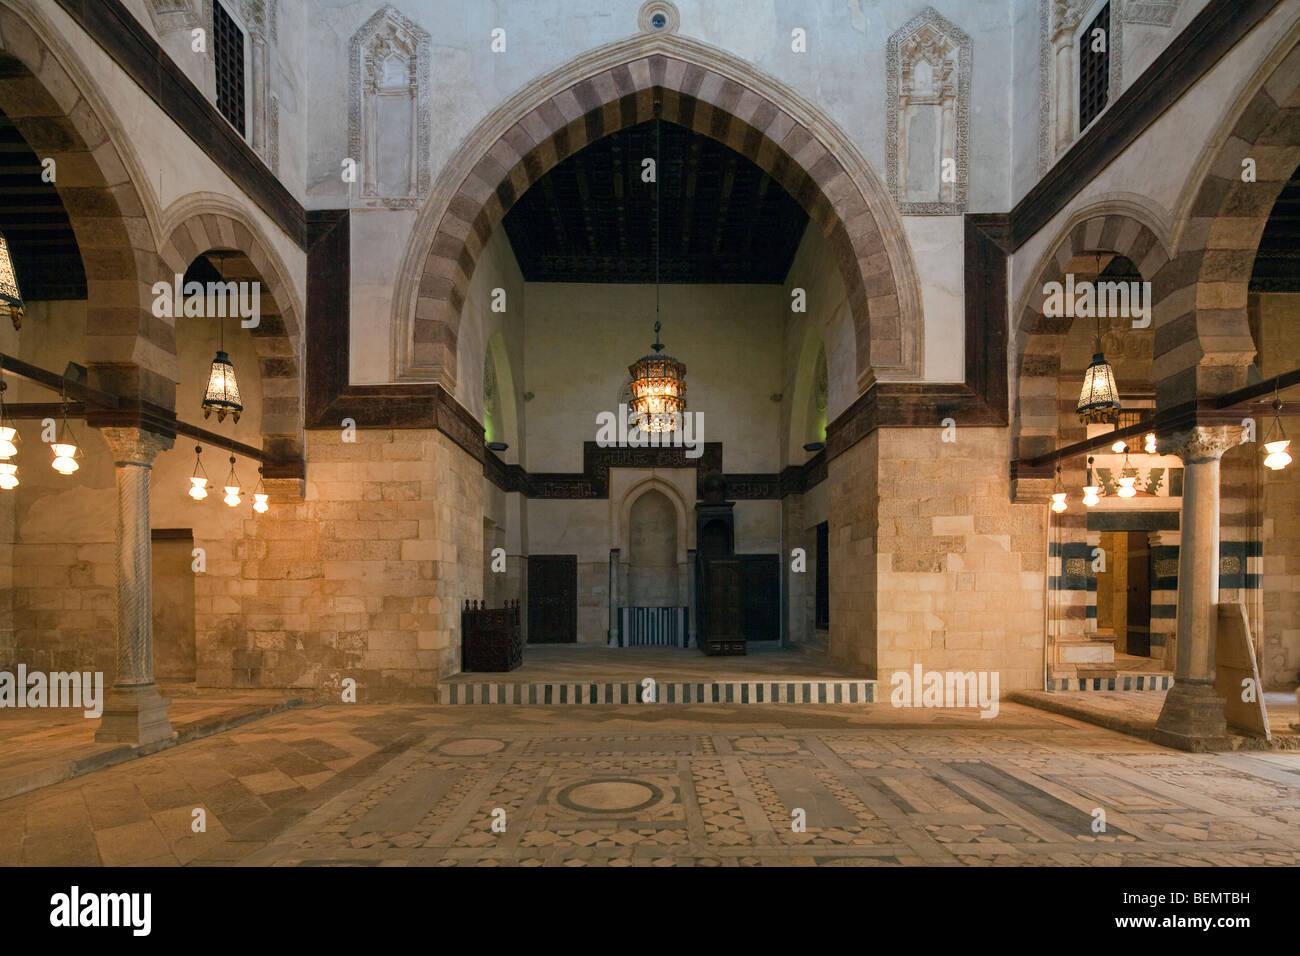 prayer hall complex of Aslam al-Silahdar, Cairo, Egypt - Stock Image